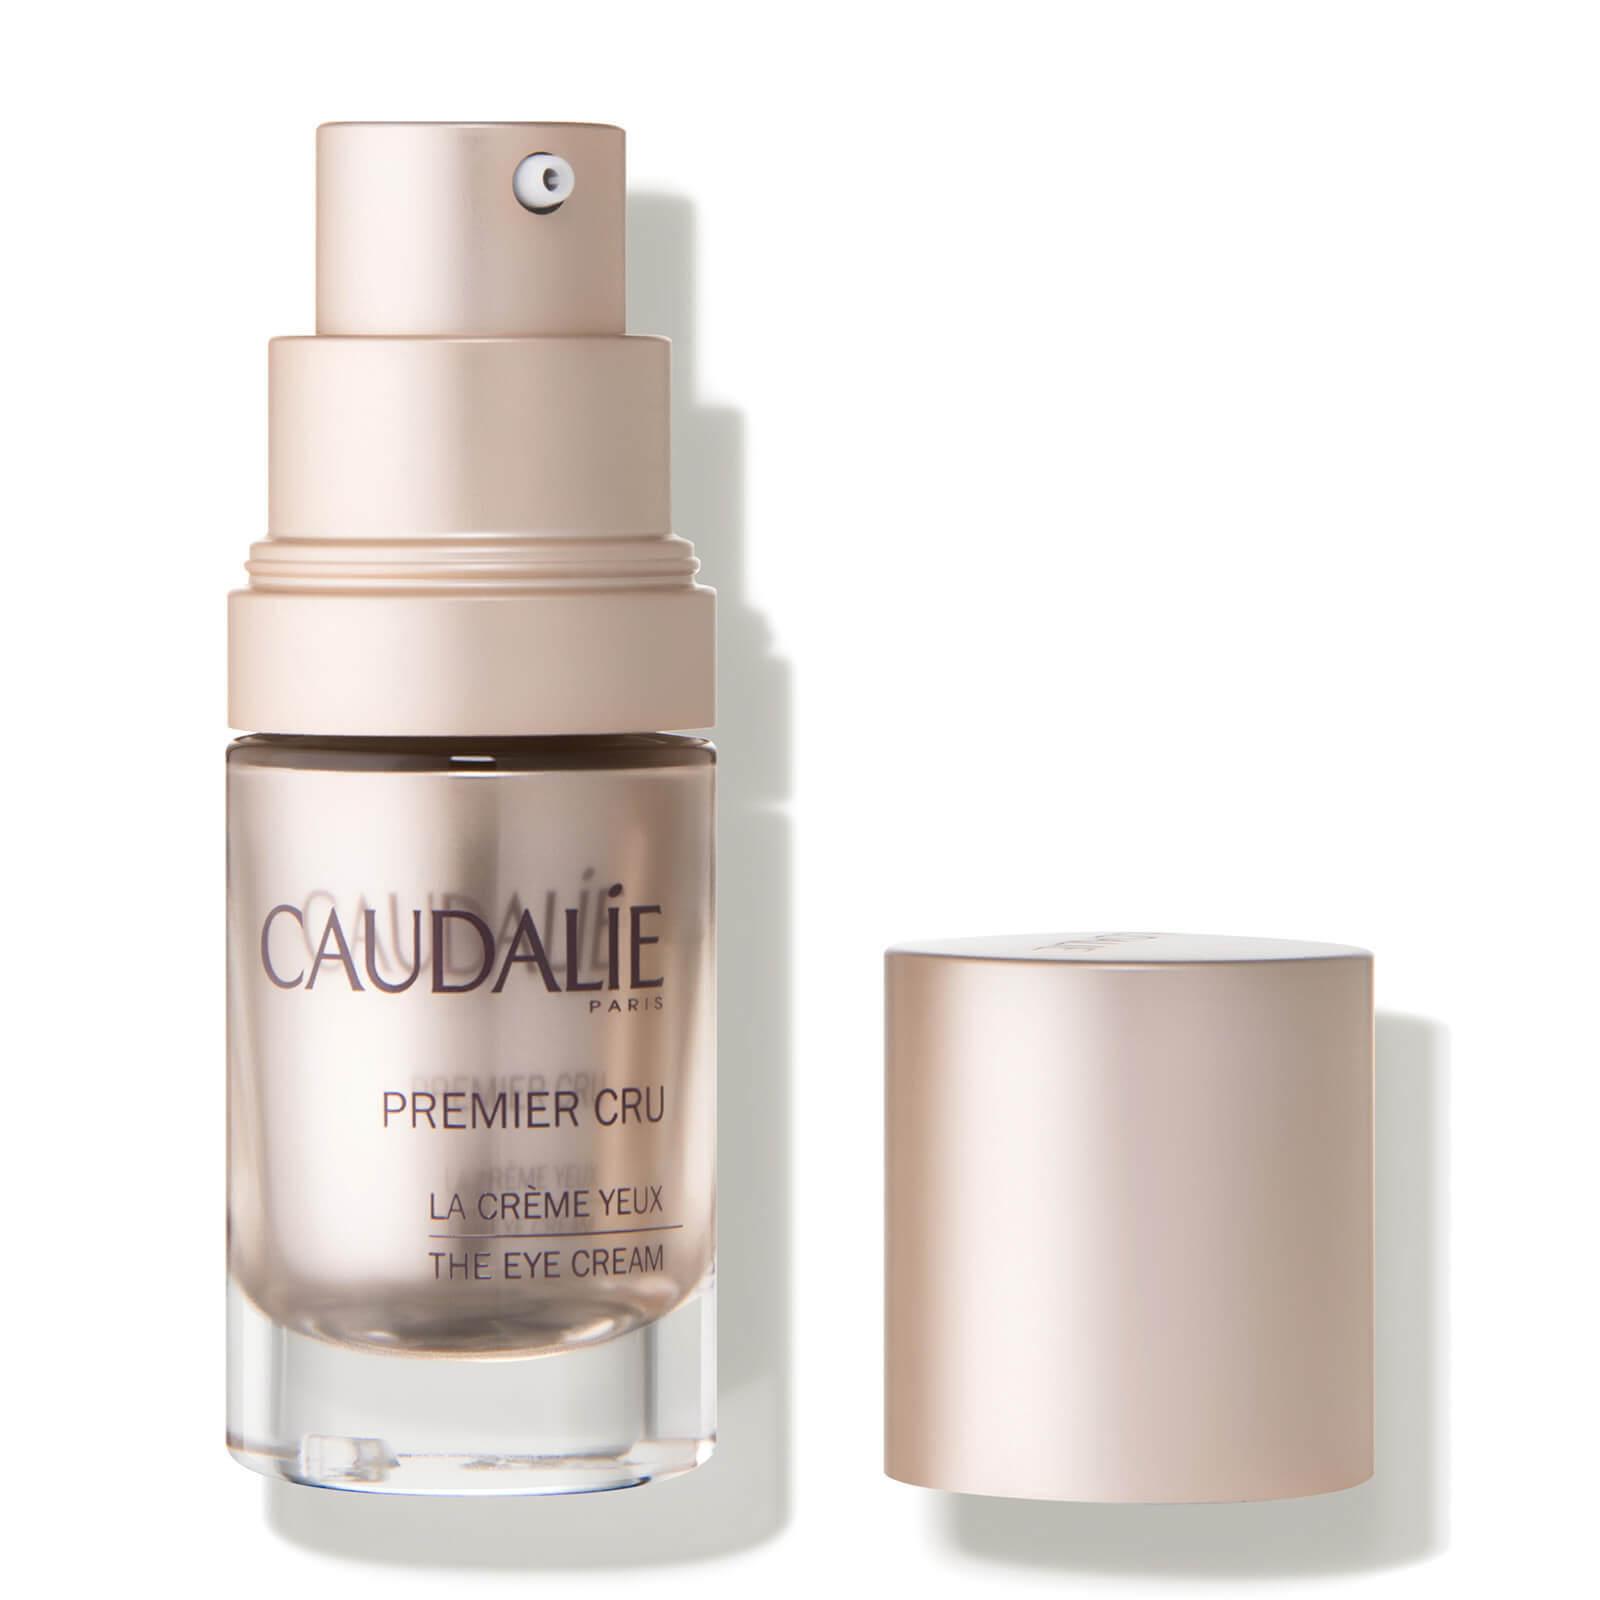 Купить Крем для кожи вокруг глаз Caudalie Premier Cru The Eye Cream 15 мл